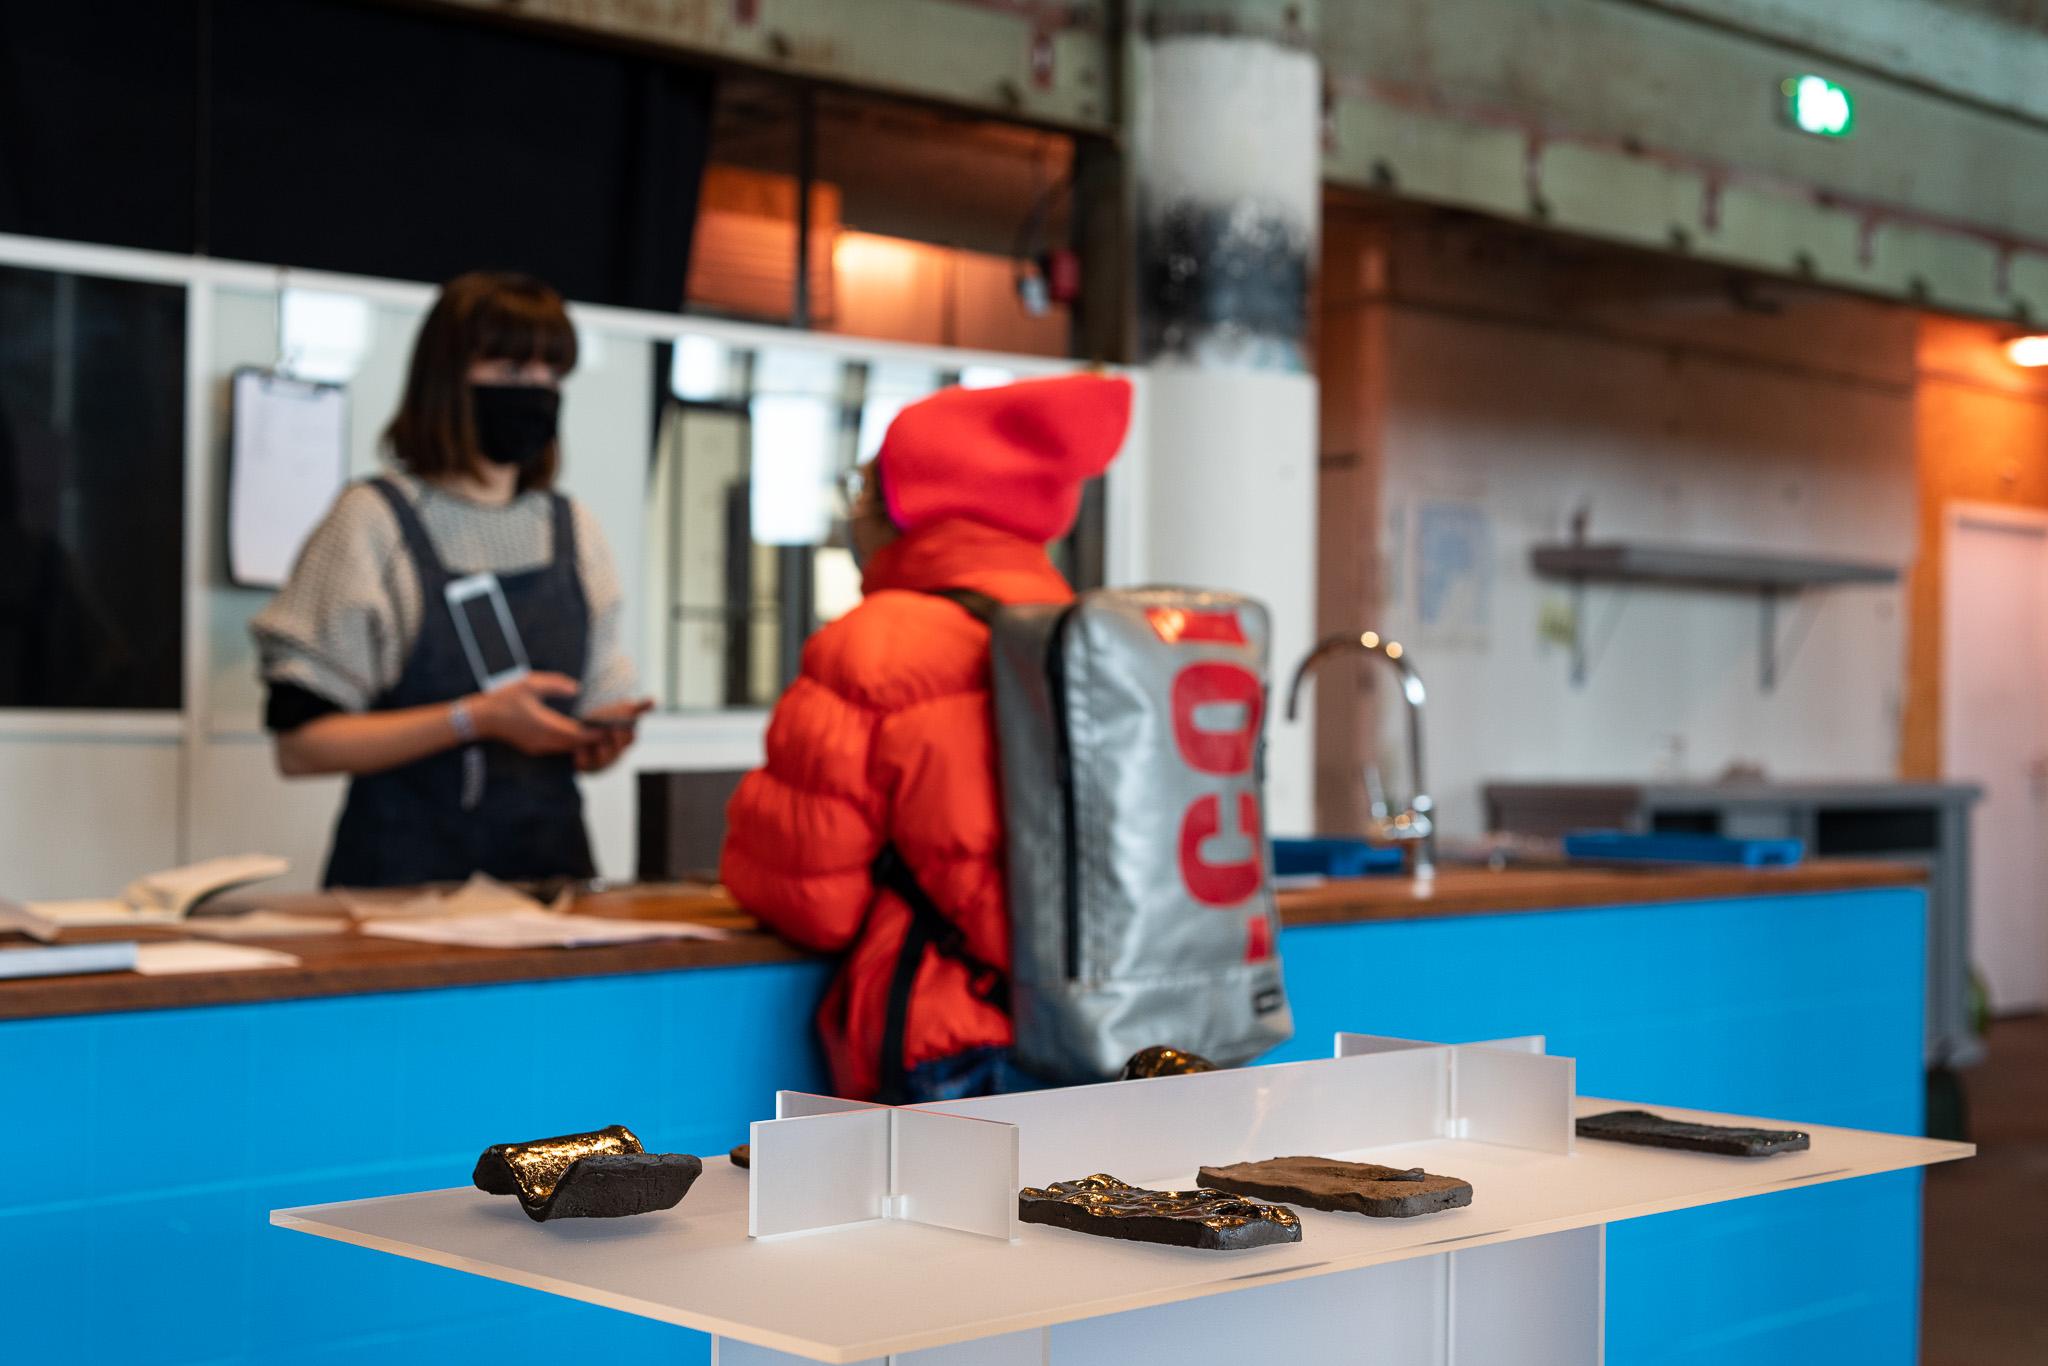 Morgane de Klerk, replica's van smartphones. Examententoonstelling Challenging Jewellery, Het HEM, Zaandam, 2020. Foto Ayako Nishibori